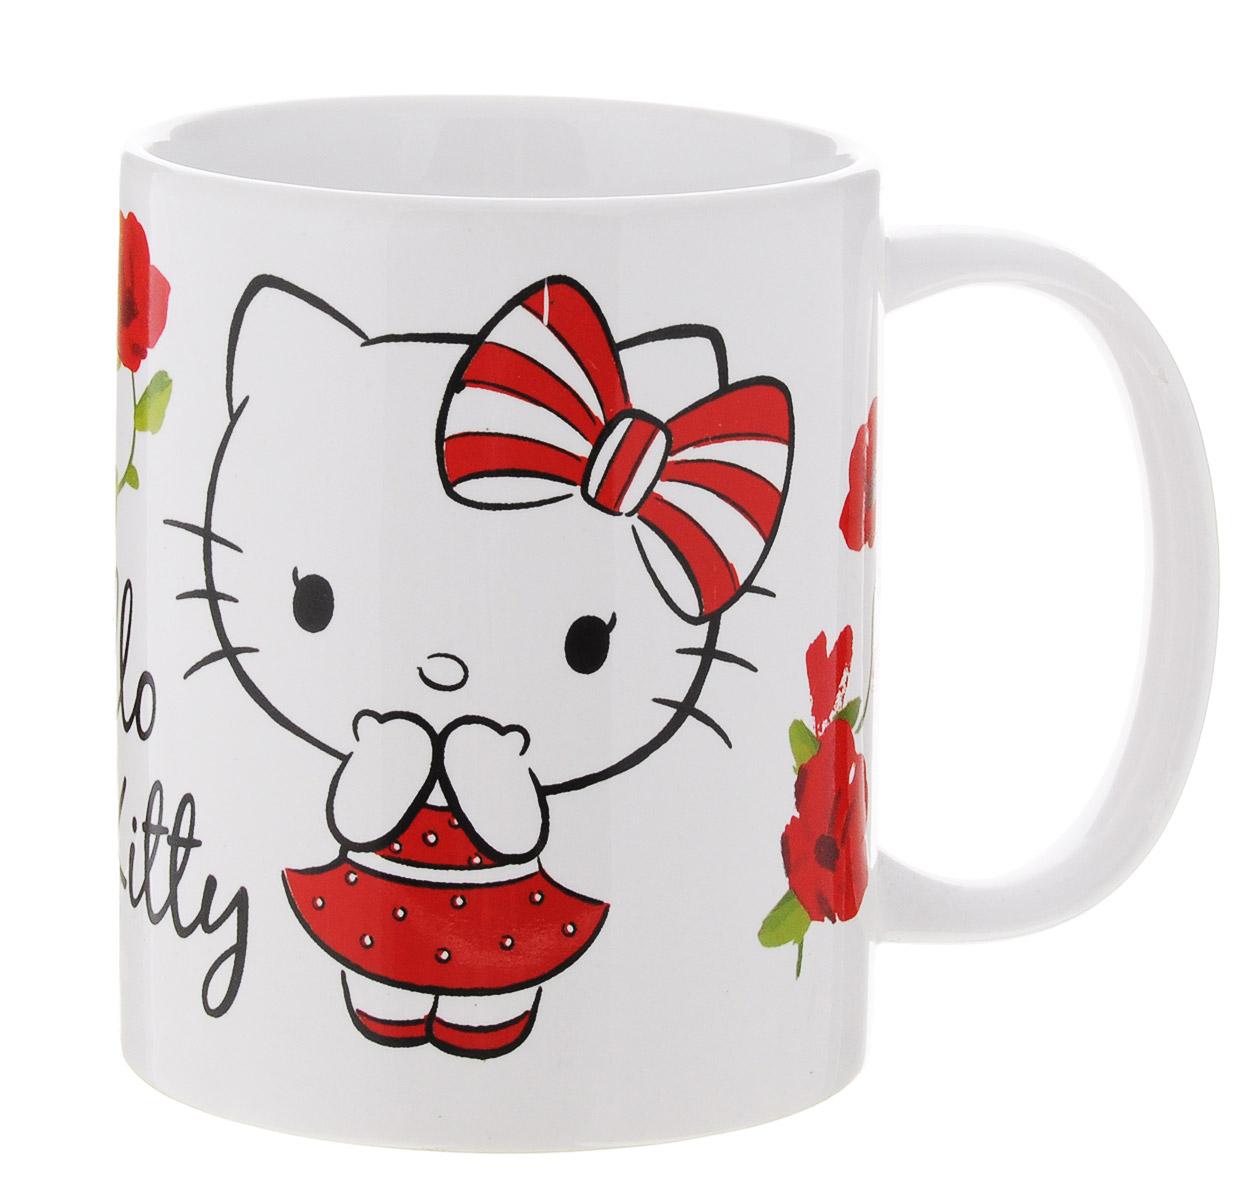 Hello Kitty Кружка детская 330 мл210307410Детская кружка Disney Hello Kitty с любимым героем станет отличным подарком для вашего ребенка. Она выполнена из керамики и оформлена изображением симпатичной кошечки Китти.Кружка дополнена удобной ручкой. Такой подарок станет не только приятным, но и практичным сувениром: кружка будет незаменимым атрибутом чаепития, а оригинальное оформление кружки добавит ярких эмоций и хорошего настроения.Можно использовать в СВЧ-печи и посудомоечной машине.